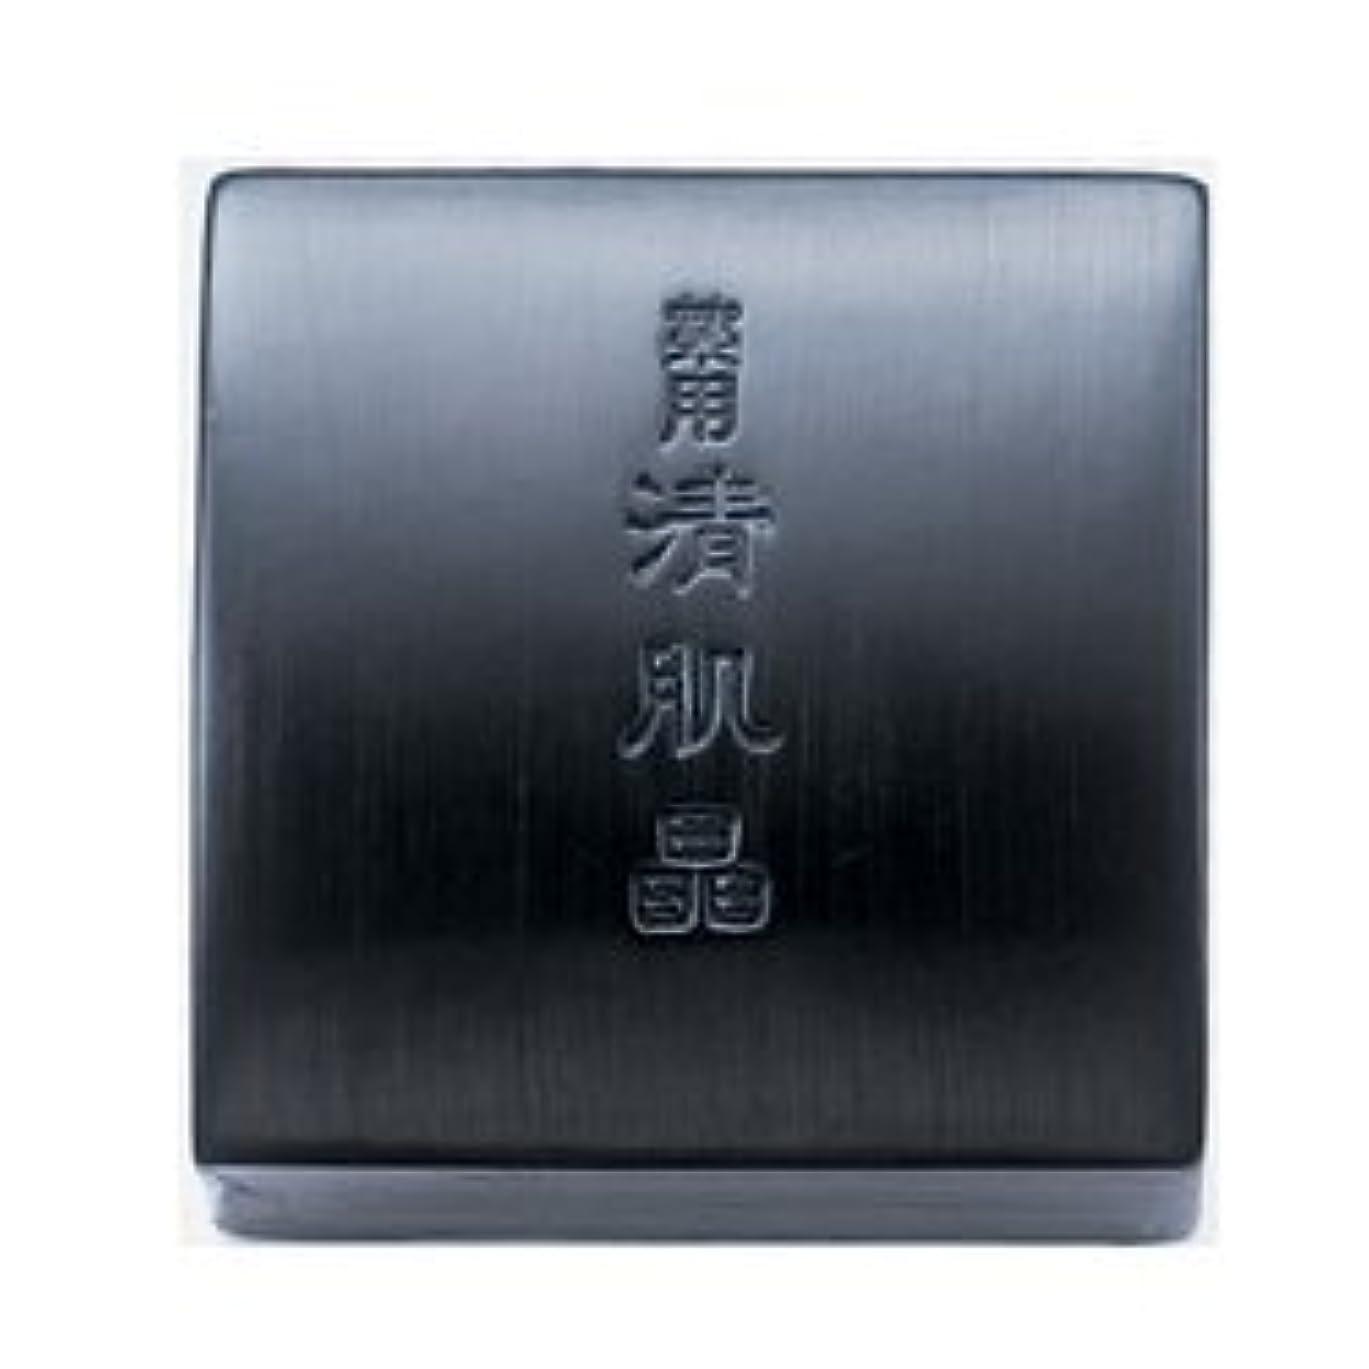 展望台減衰息を切らしてコーセー薬用 清肌晶120g(ケース付き)